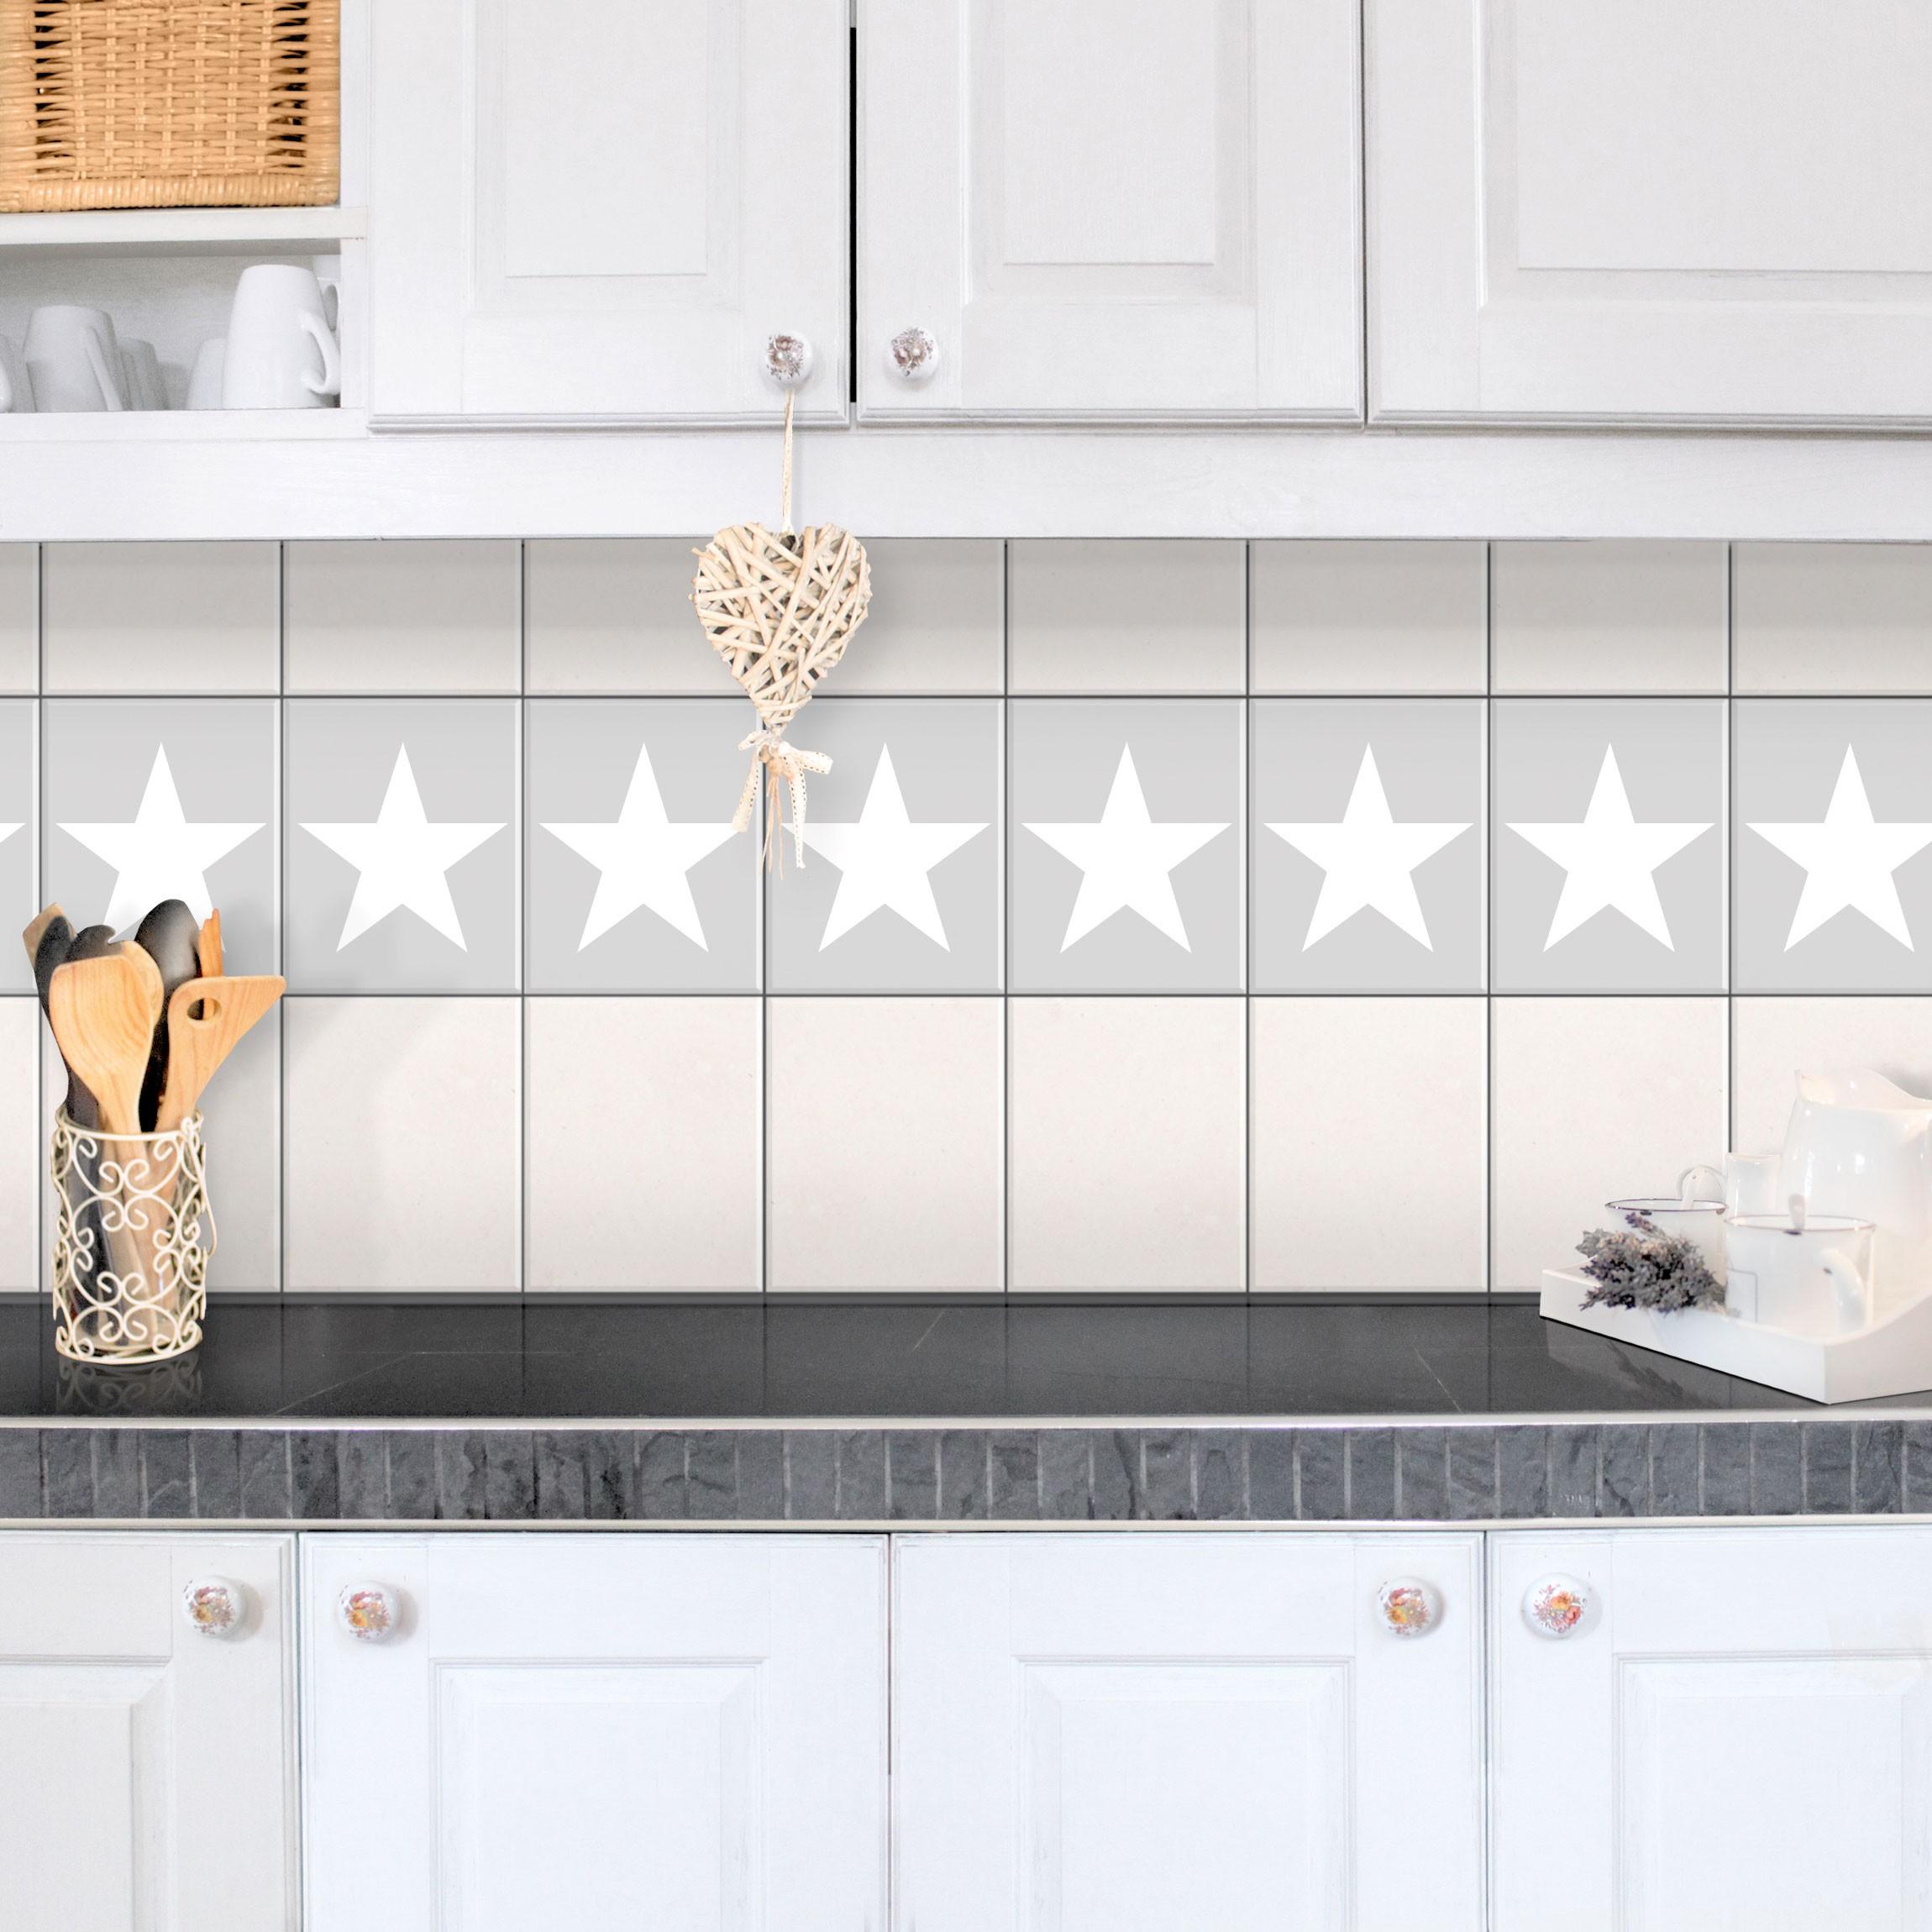 Fliesen Bordüre   Große Weiße Sterne Auf Grau 25x20 Cm   Fliesenaufkleber  Grau